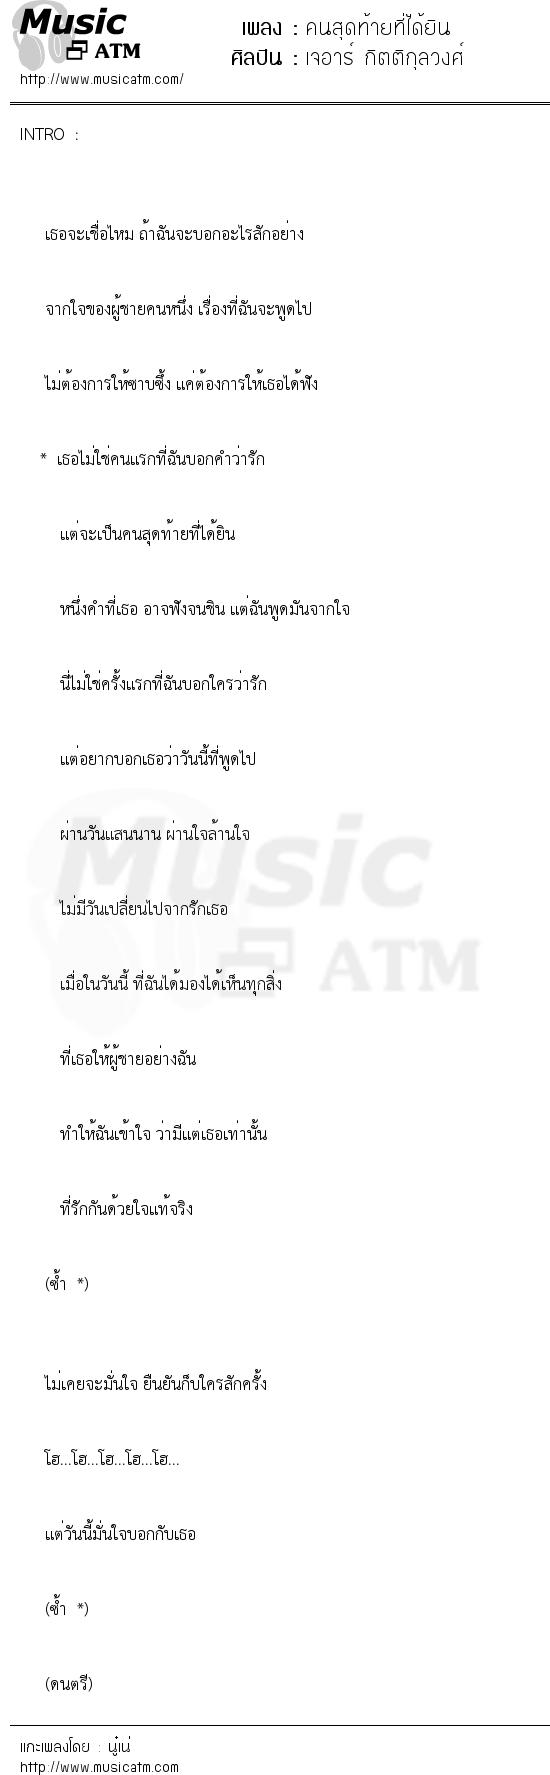 คนสุดท้ายที่ได้ยิน | เพลงไทย